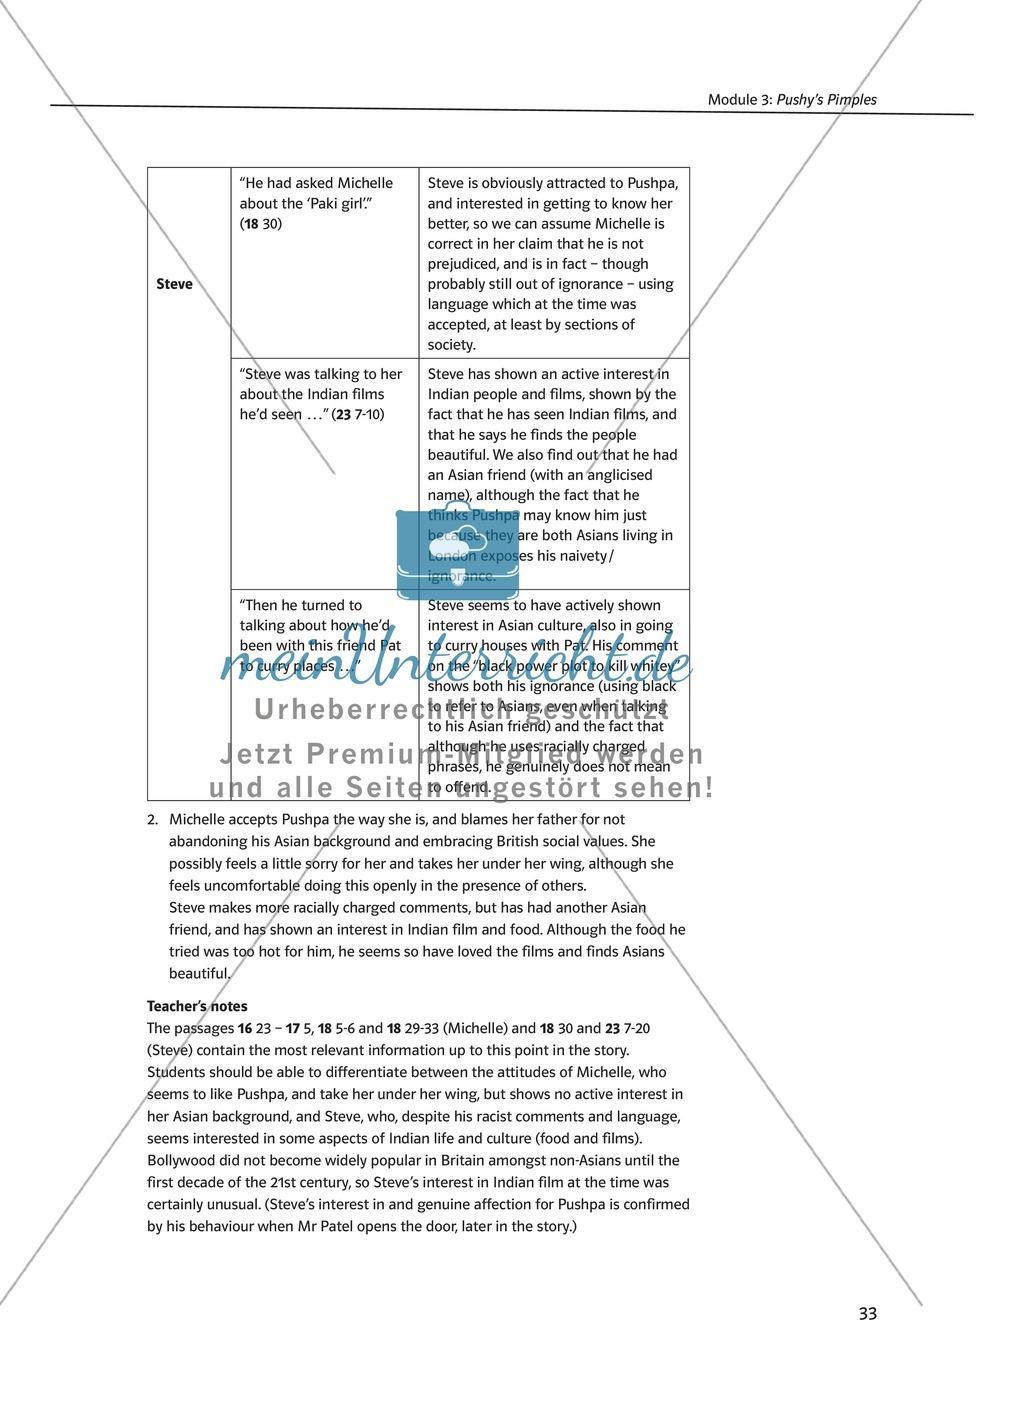 Pushy's Pimples: Zusammenfassung + Aufgaben + Arbeitsblätter Preview 6